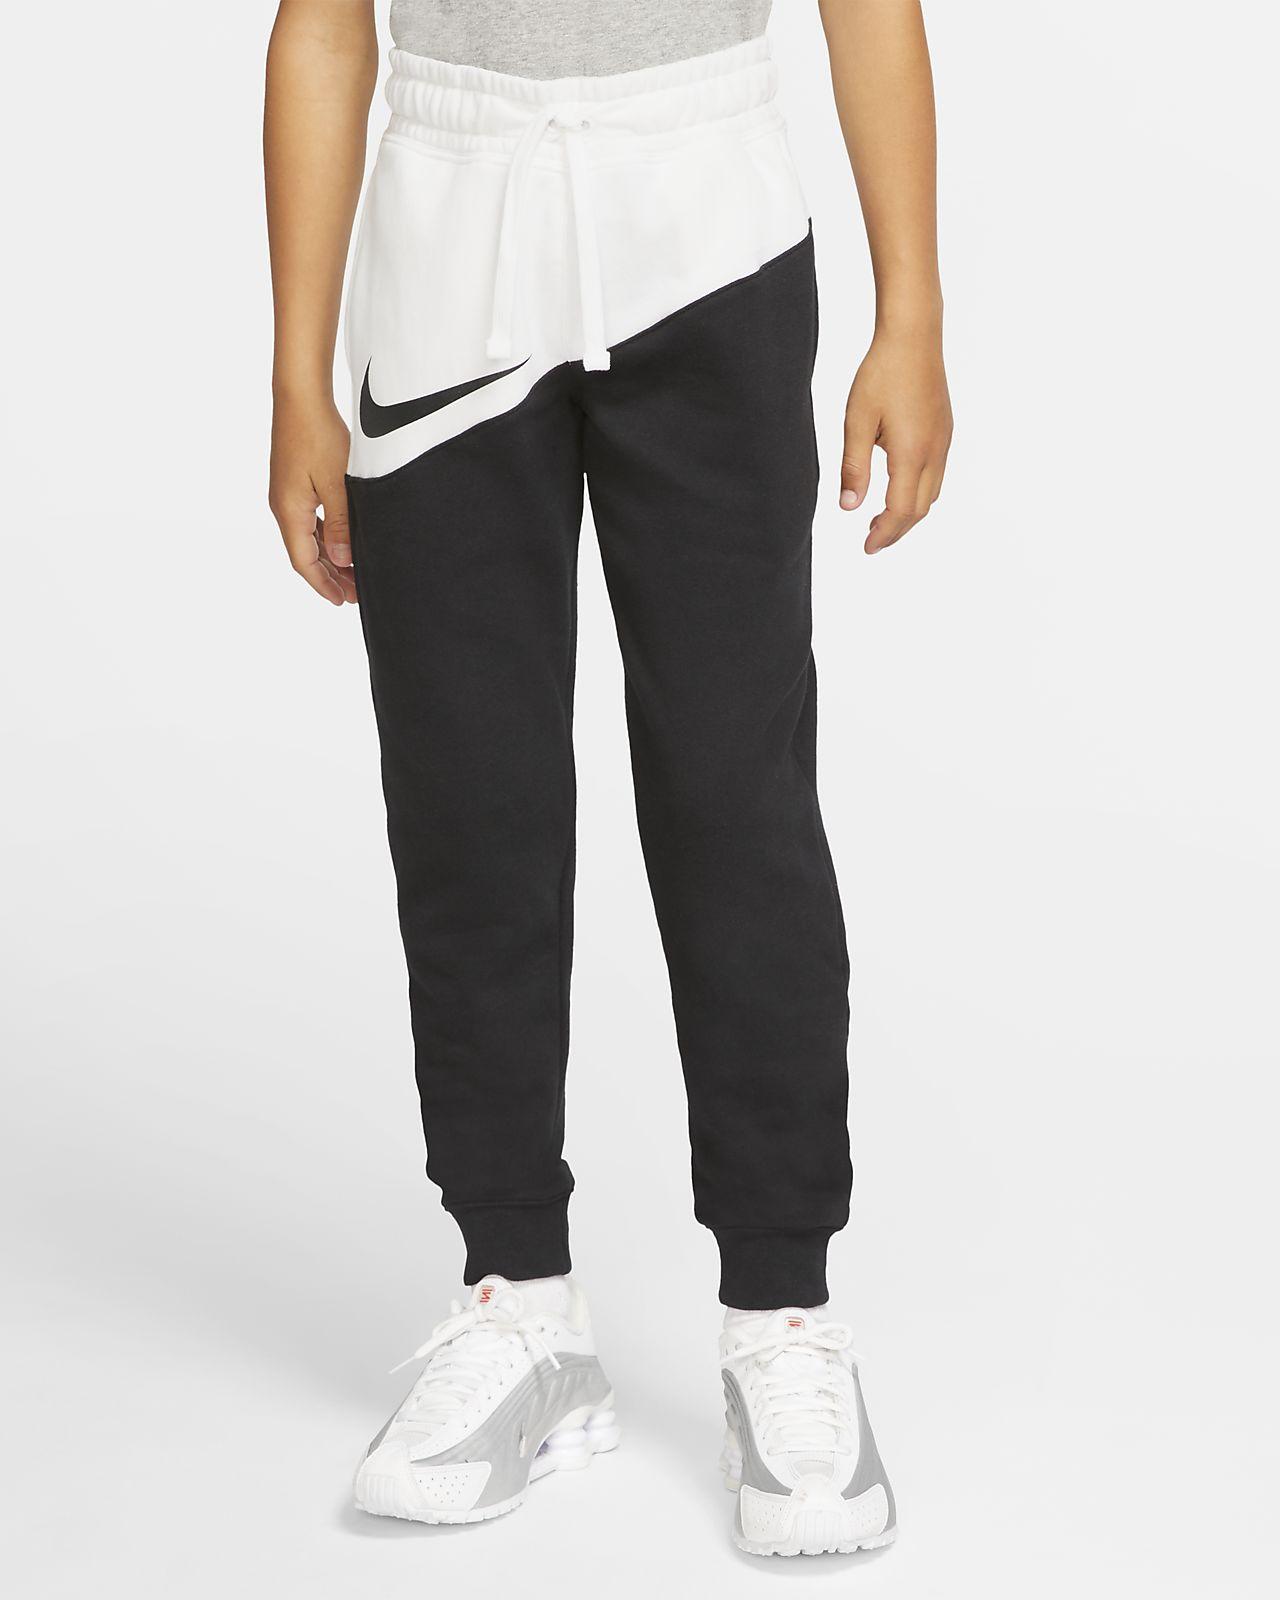 Nike Sportswear Boys' Swoosh Trousers